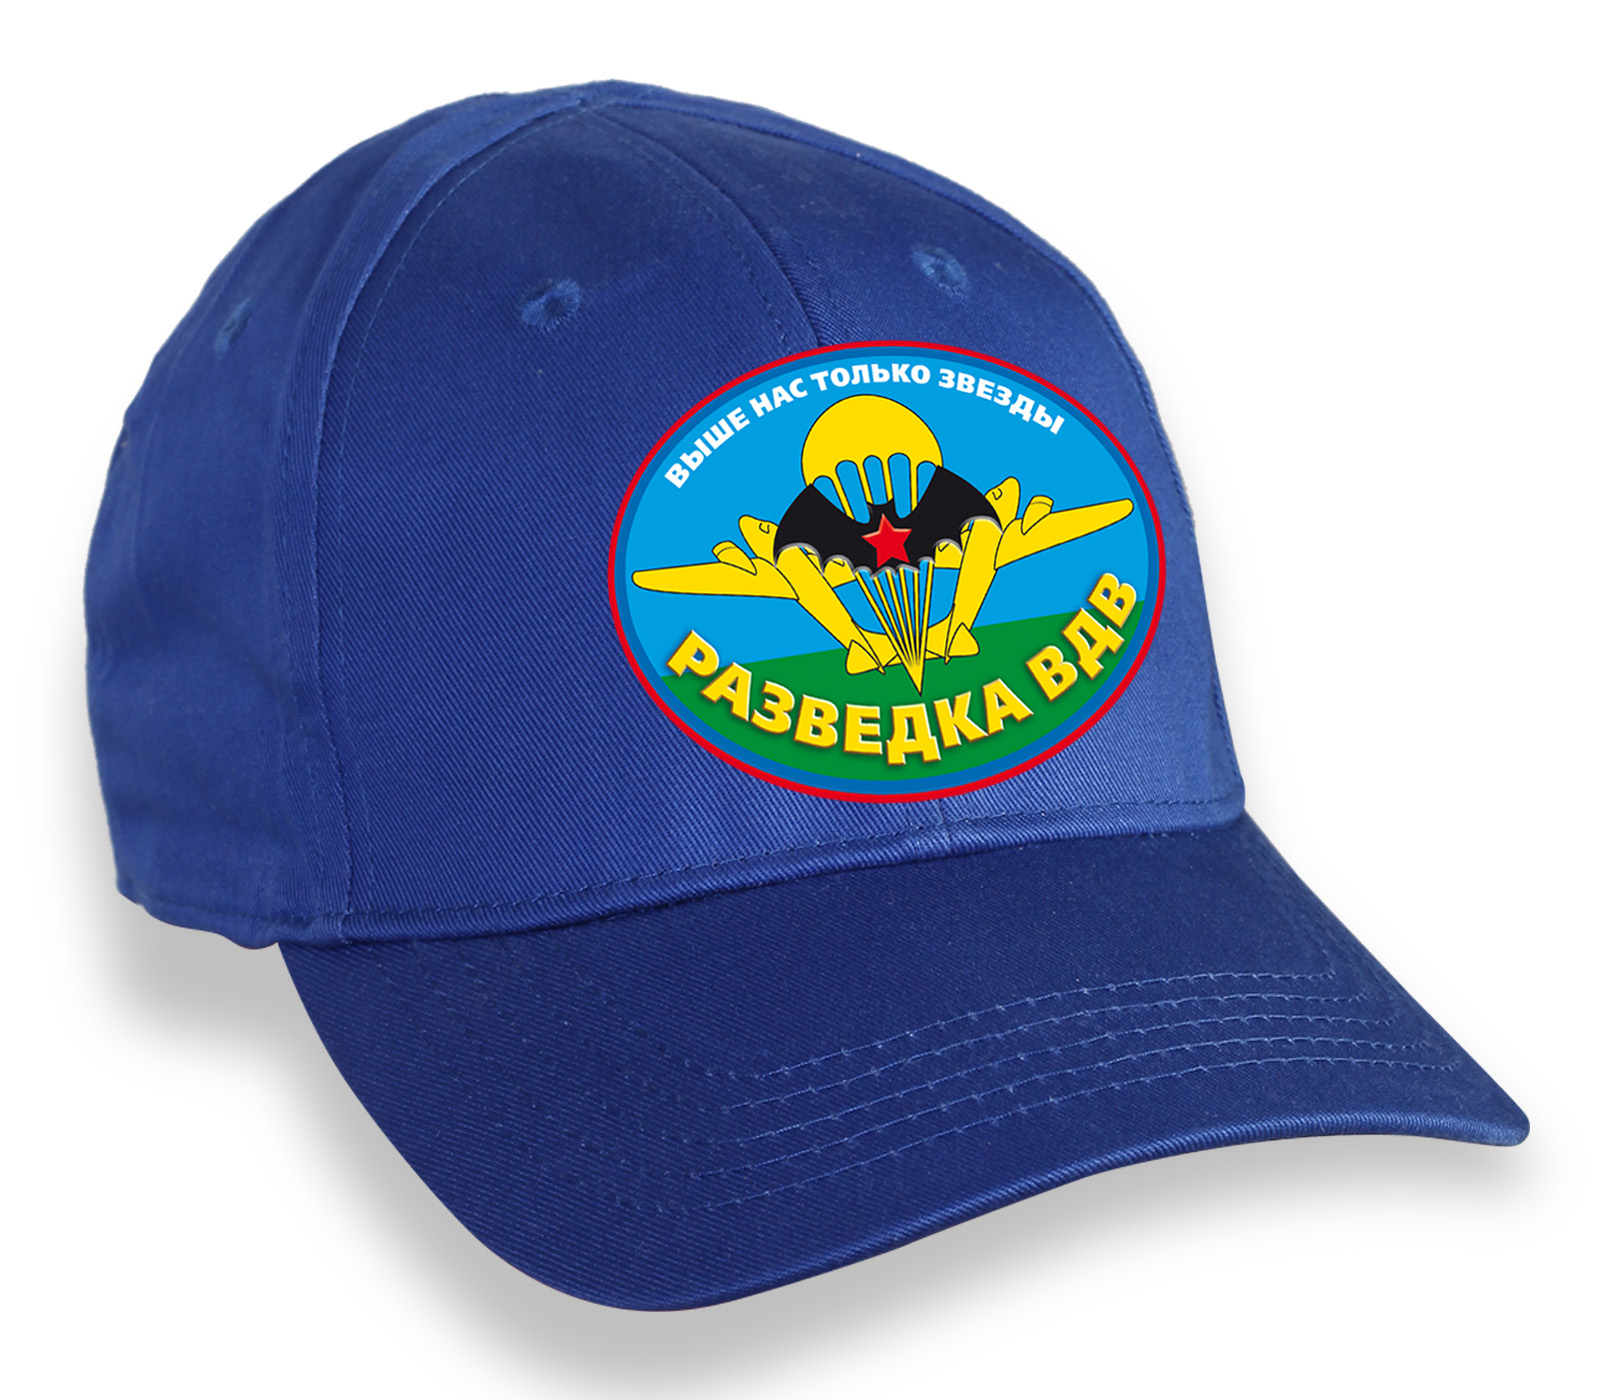 Летняя ярко-синяя бейсболка с термонаклейкой Разведка ВДВ